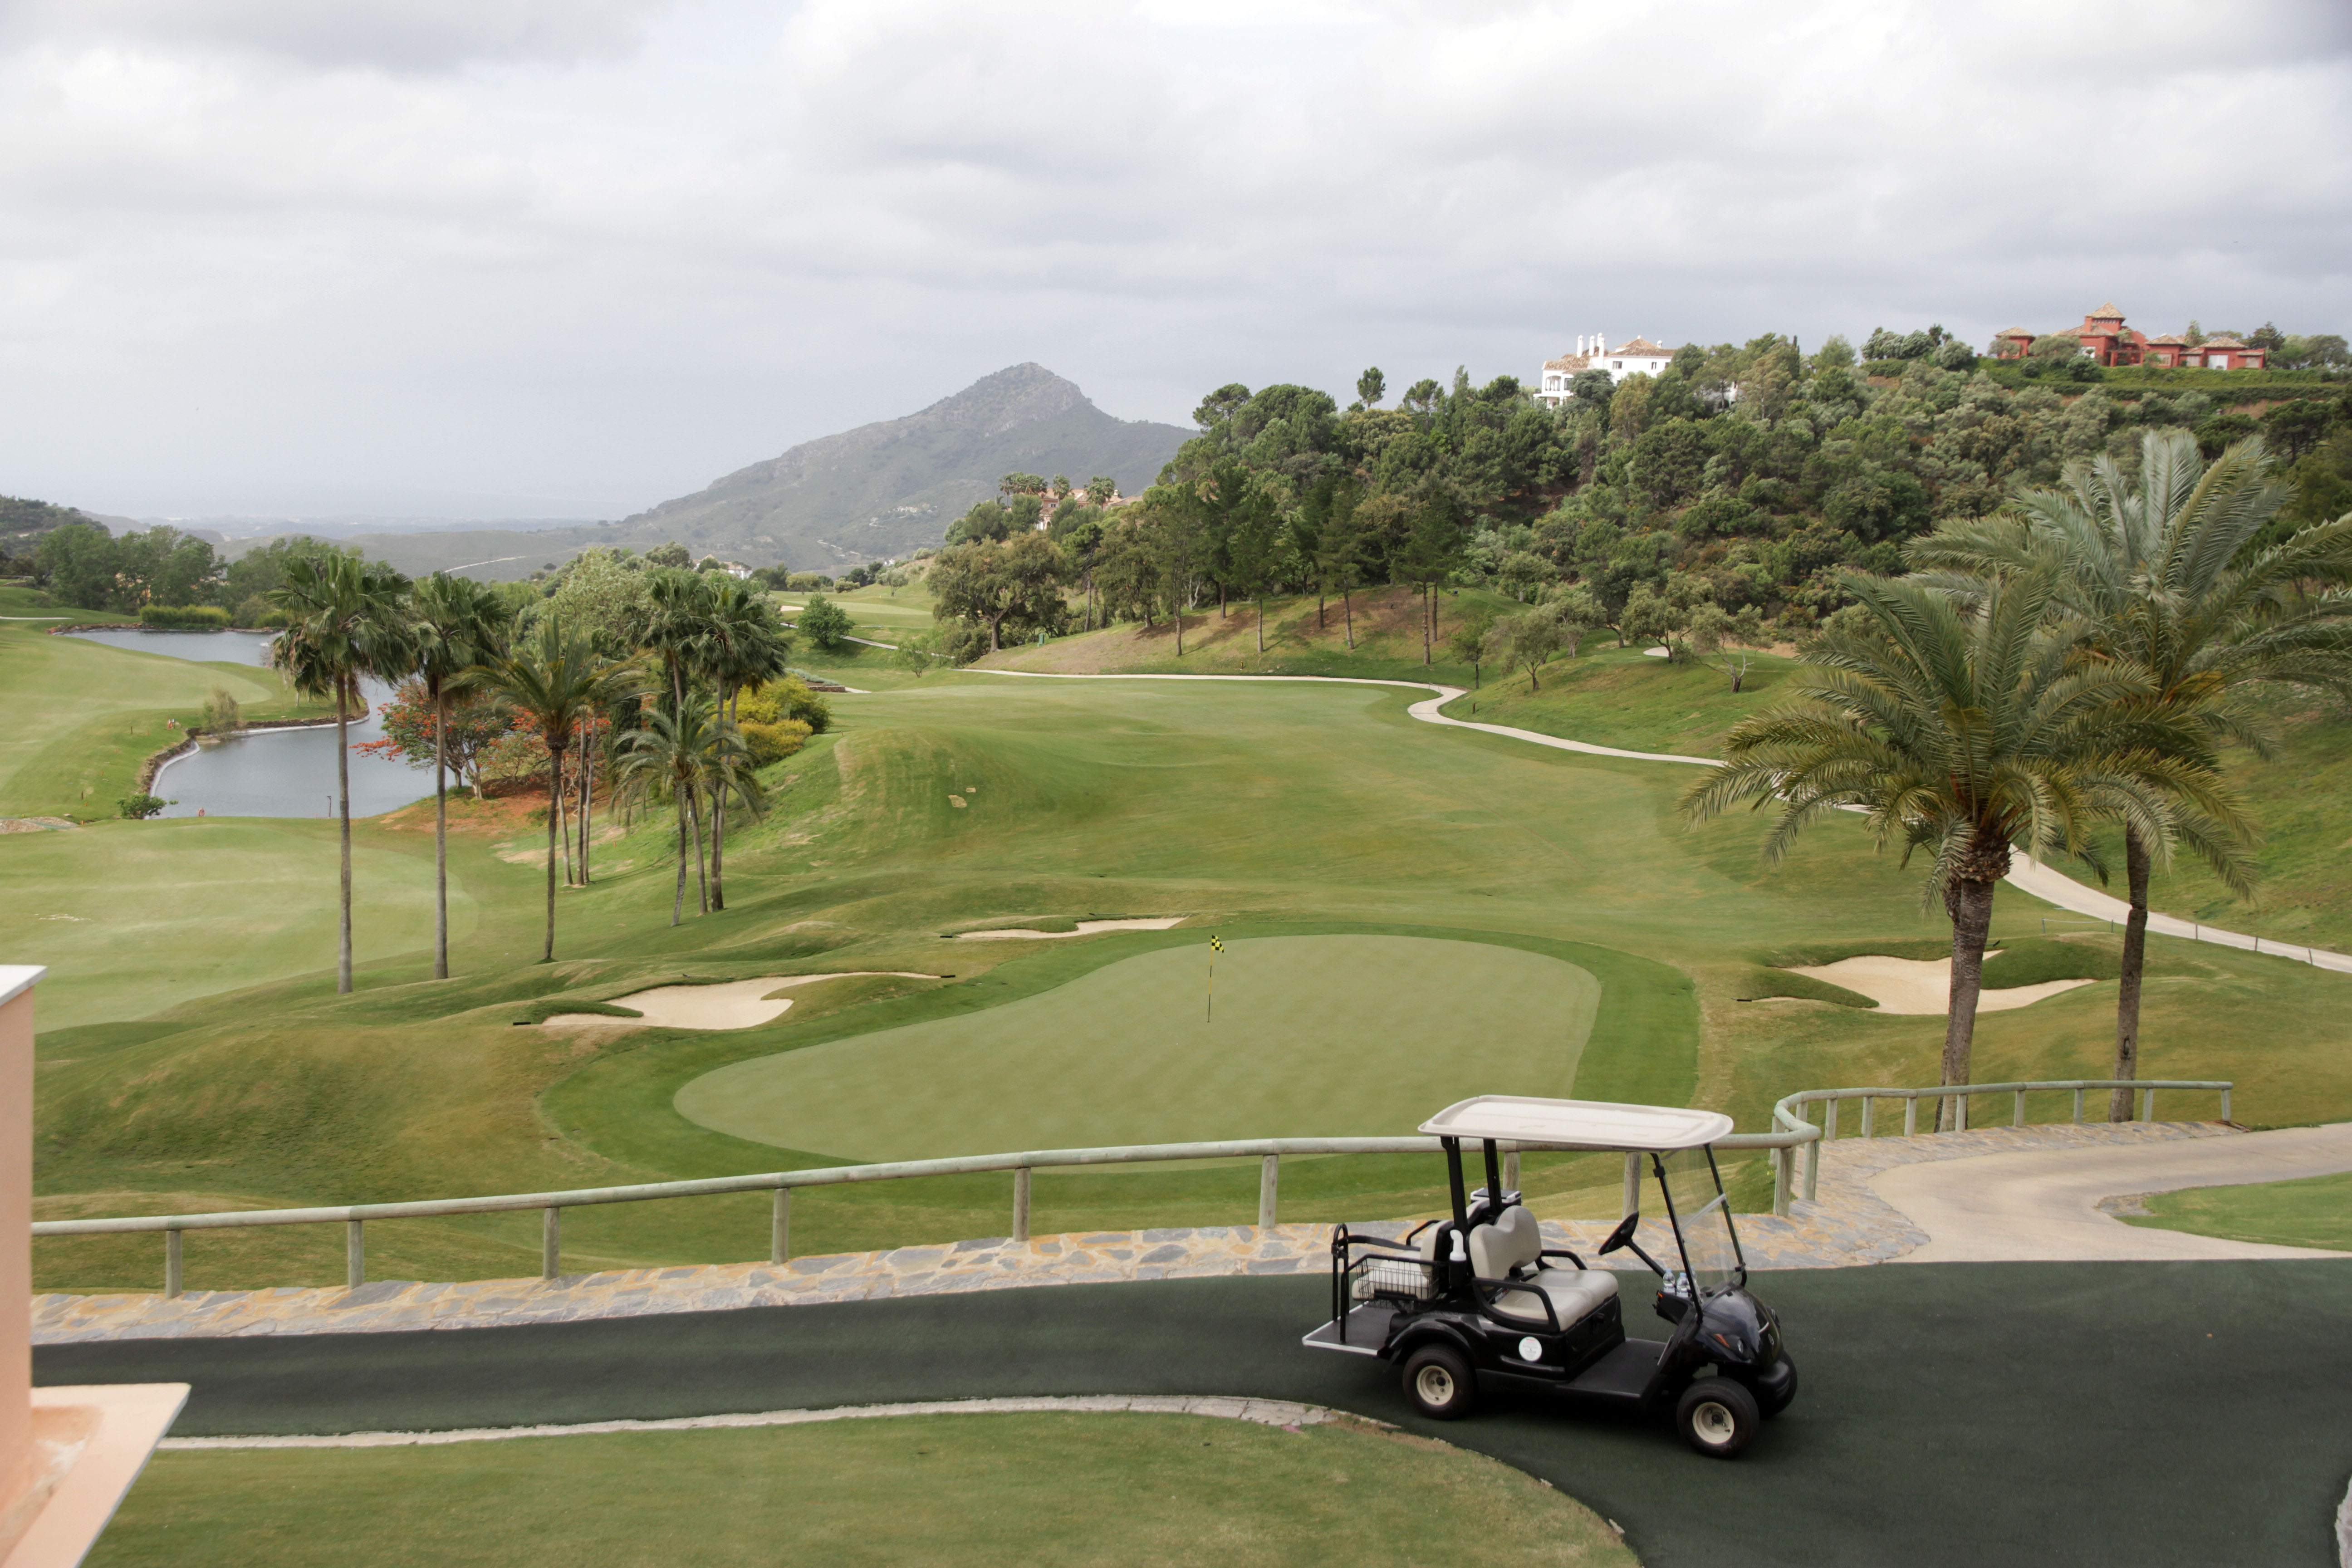 la zagaleta vende el campo de golf valderrama, pero sigue adelante